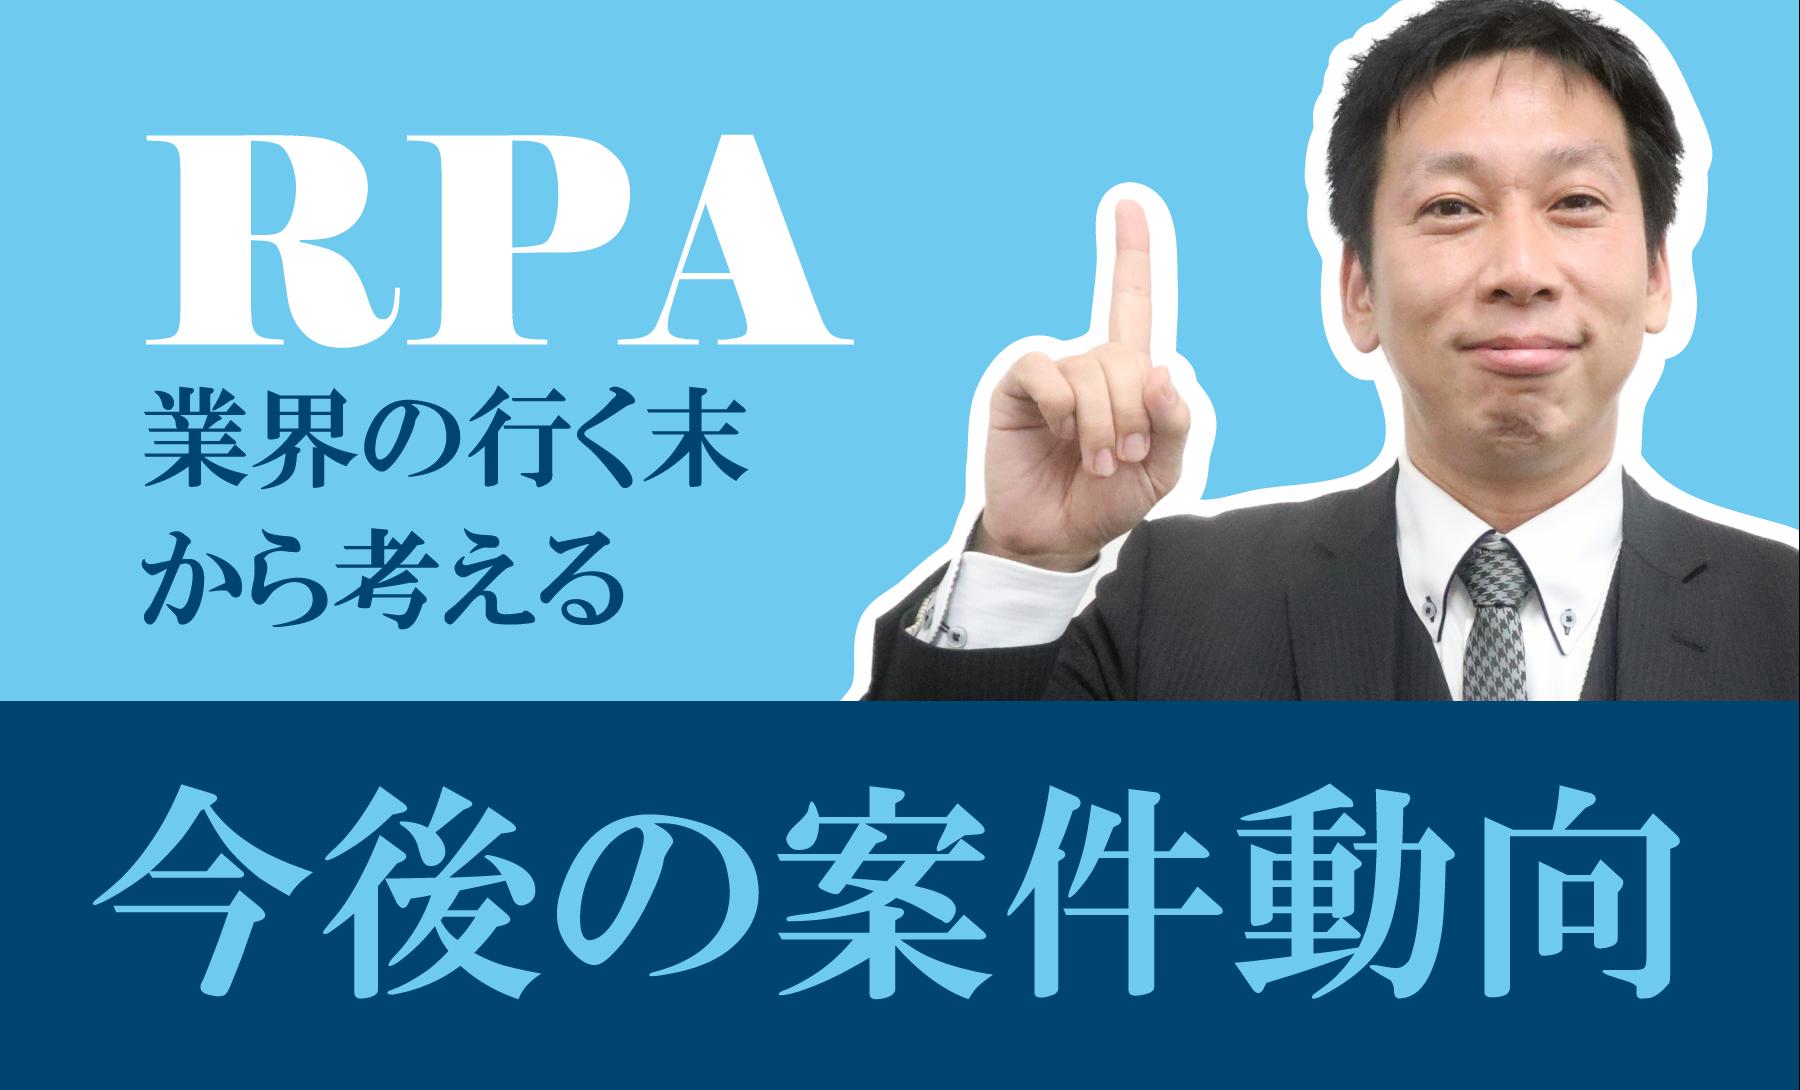 RPA業界とRPAエンジニアの将来について解説する男性